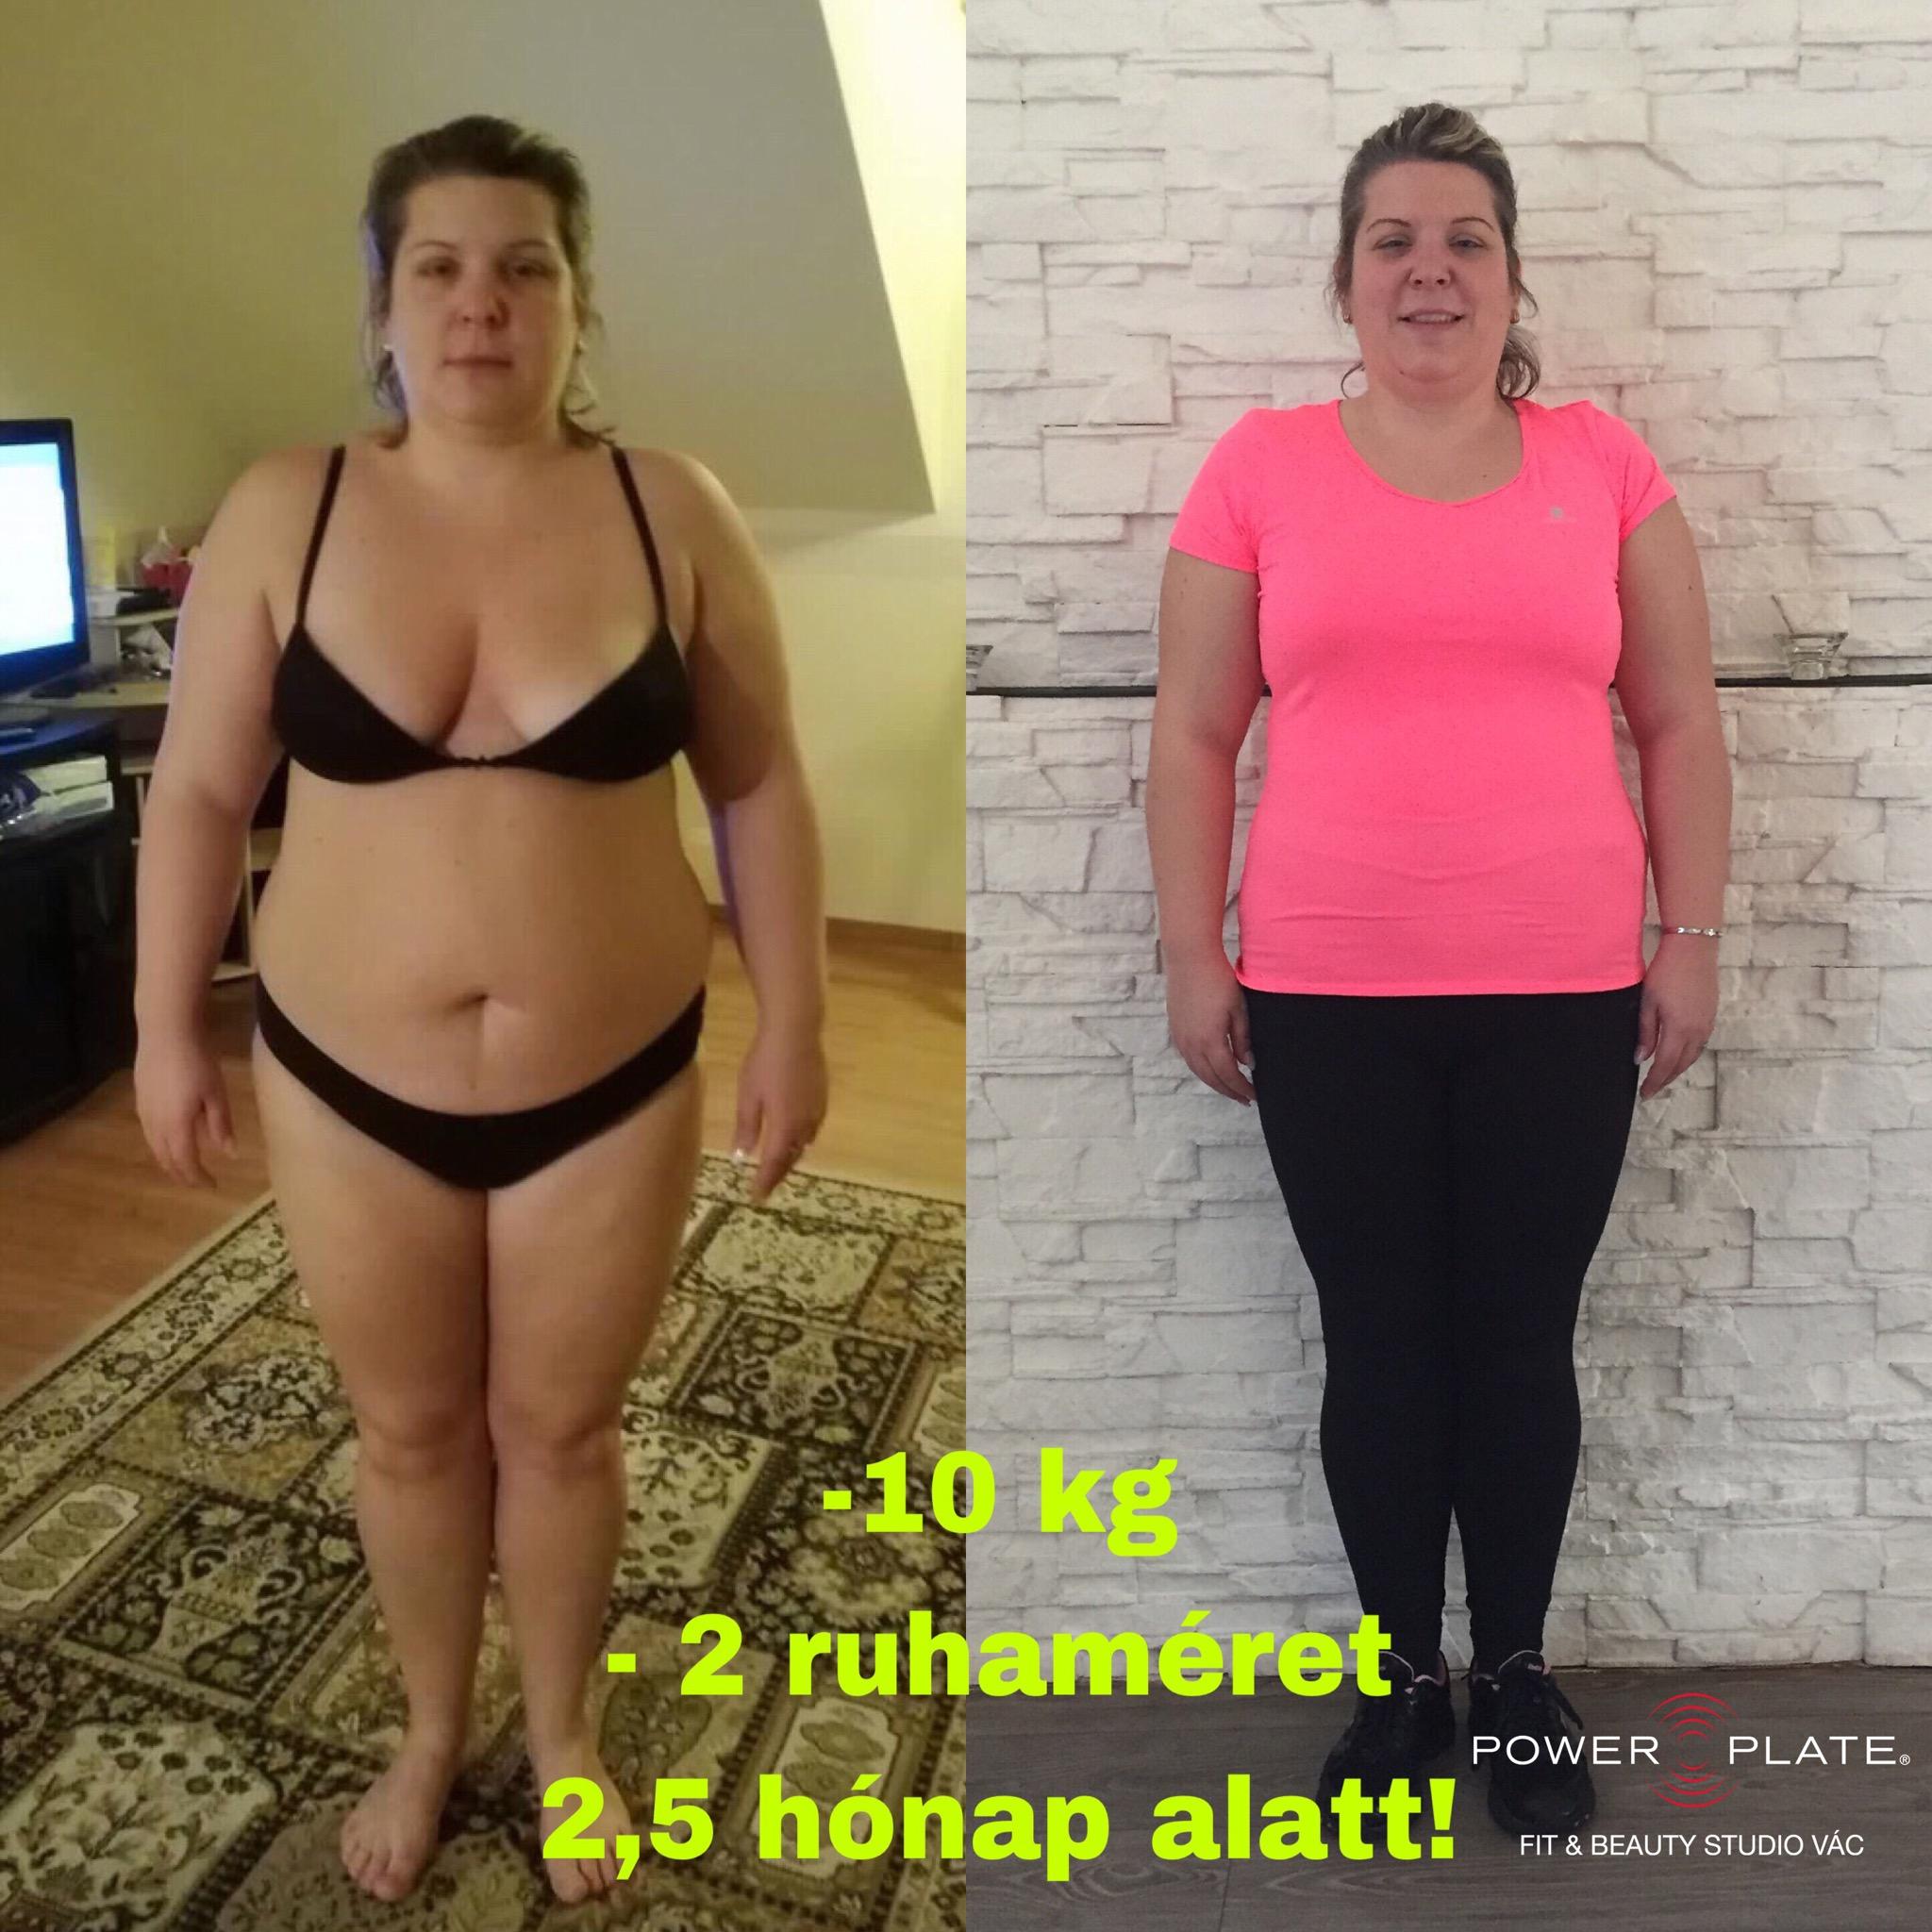 3 hét alatt 9 kilót fogytam ezzel az étrenddel! Teljesen megváltozott tőle az életem